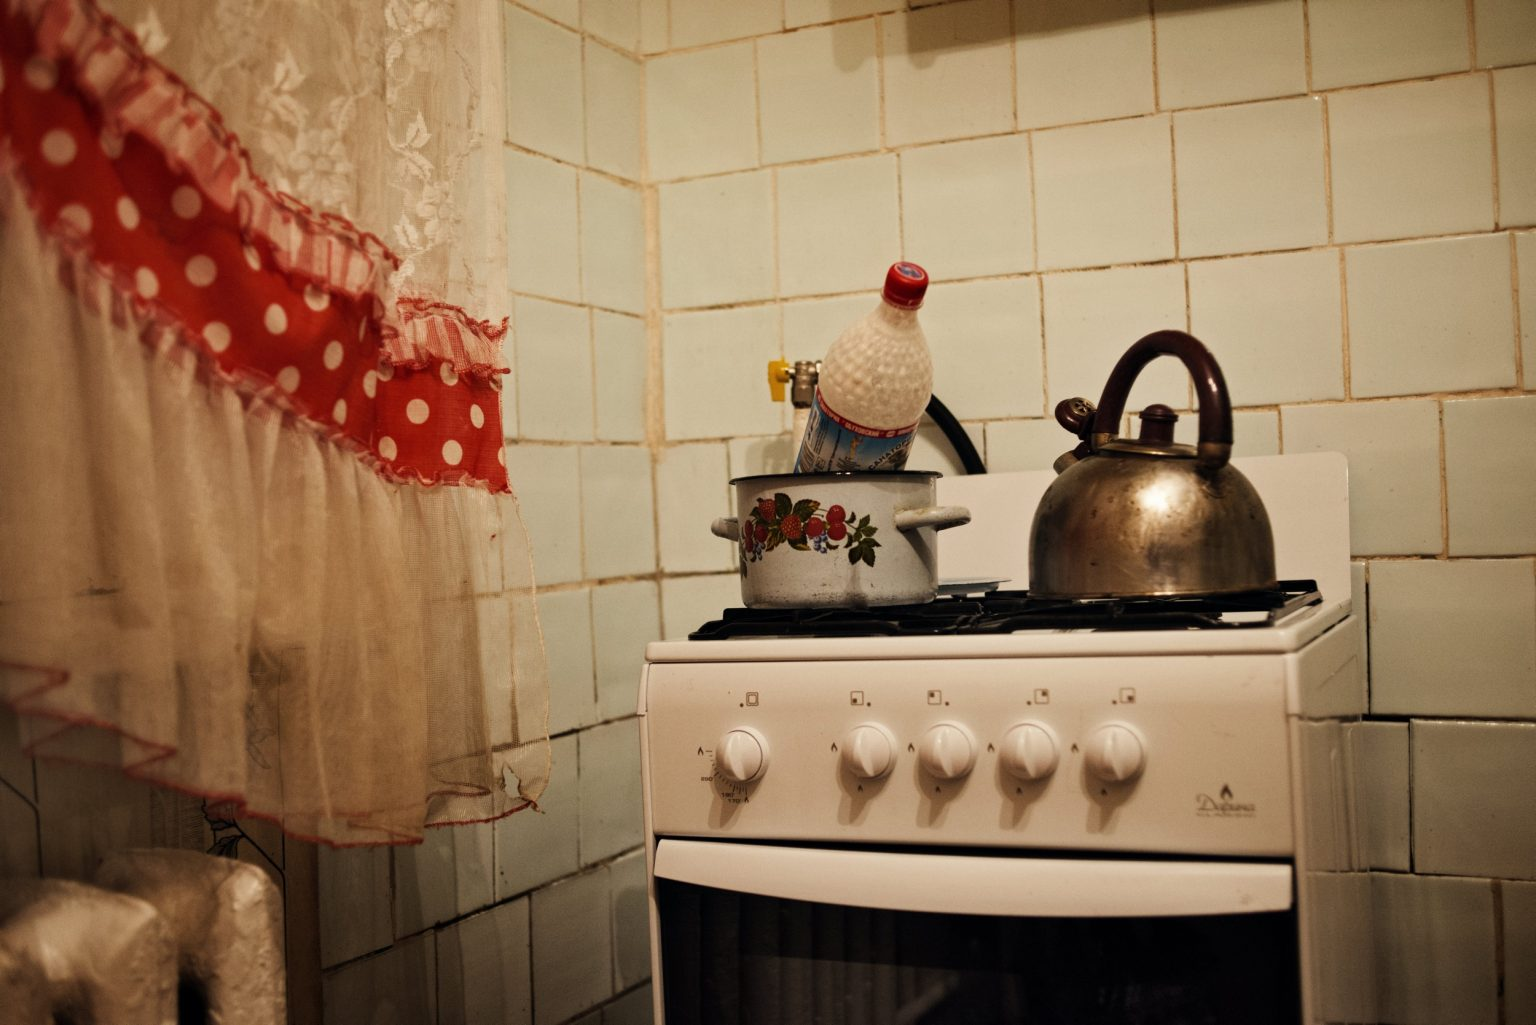 Yekaterinburg, Russia, November 2013 - The codeine is boiled in a closed bottle for a few minutes as part of the preparation of Krokodil. >< Yekaterinburg, Russia, novembre 2013 - La codeina viene fatta bollire all'interno di una bottiglia per alcuni minuti durante la preparazione della Krokodil.